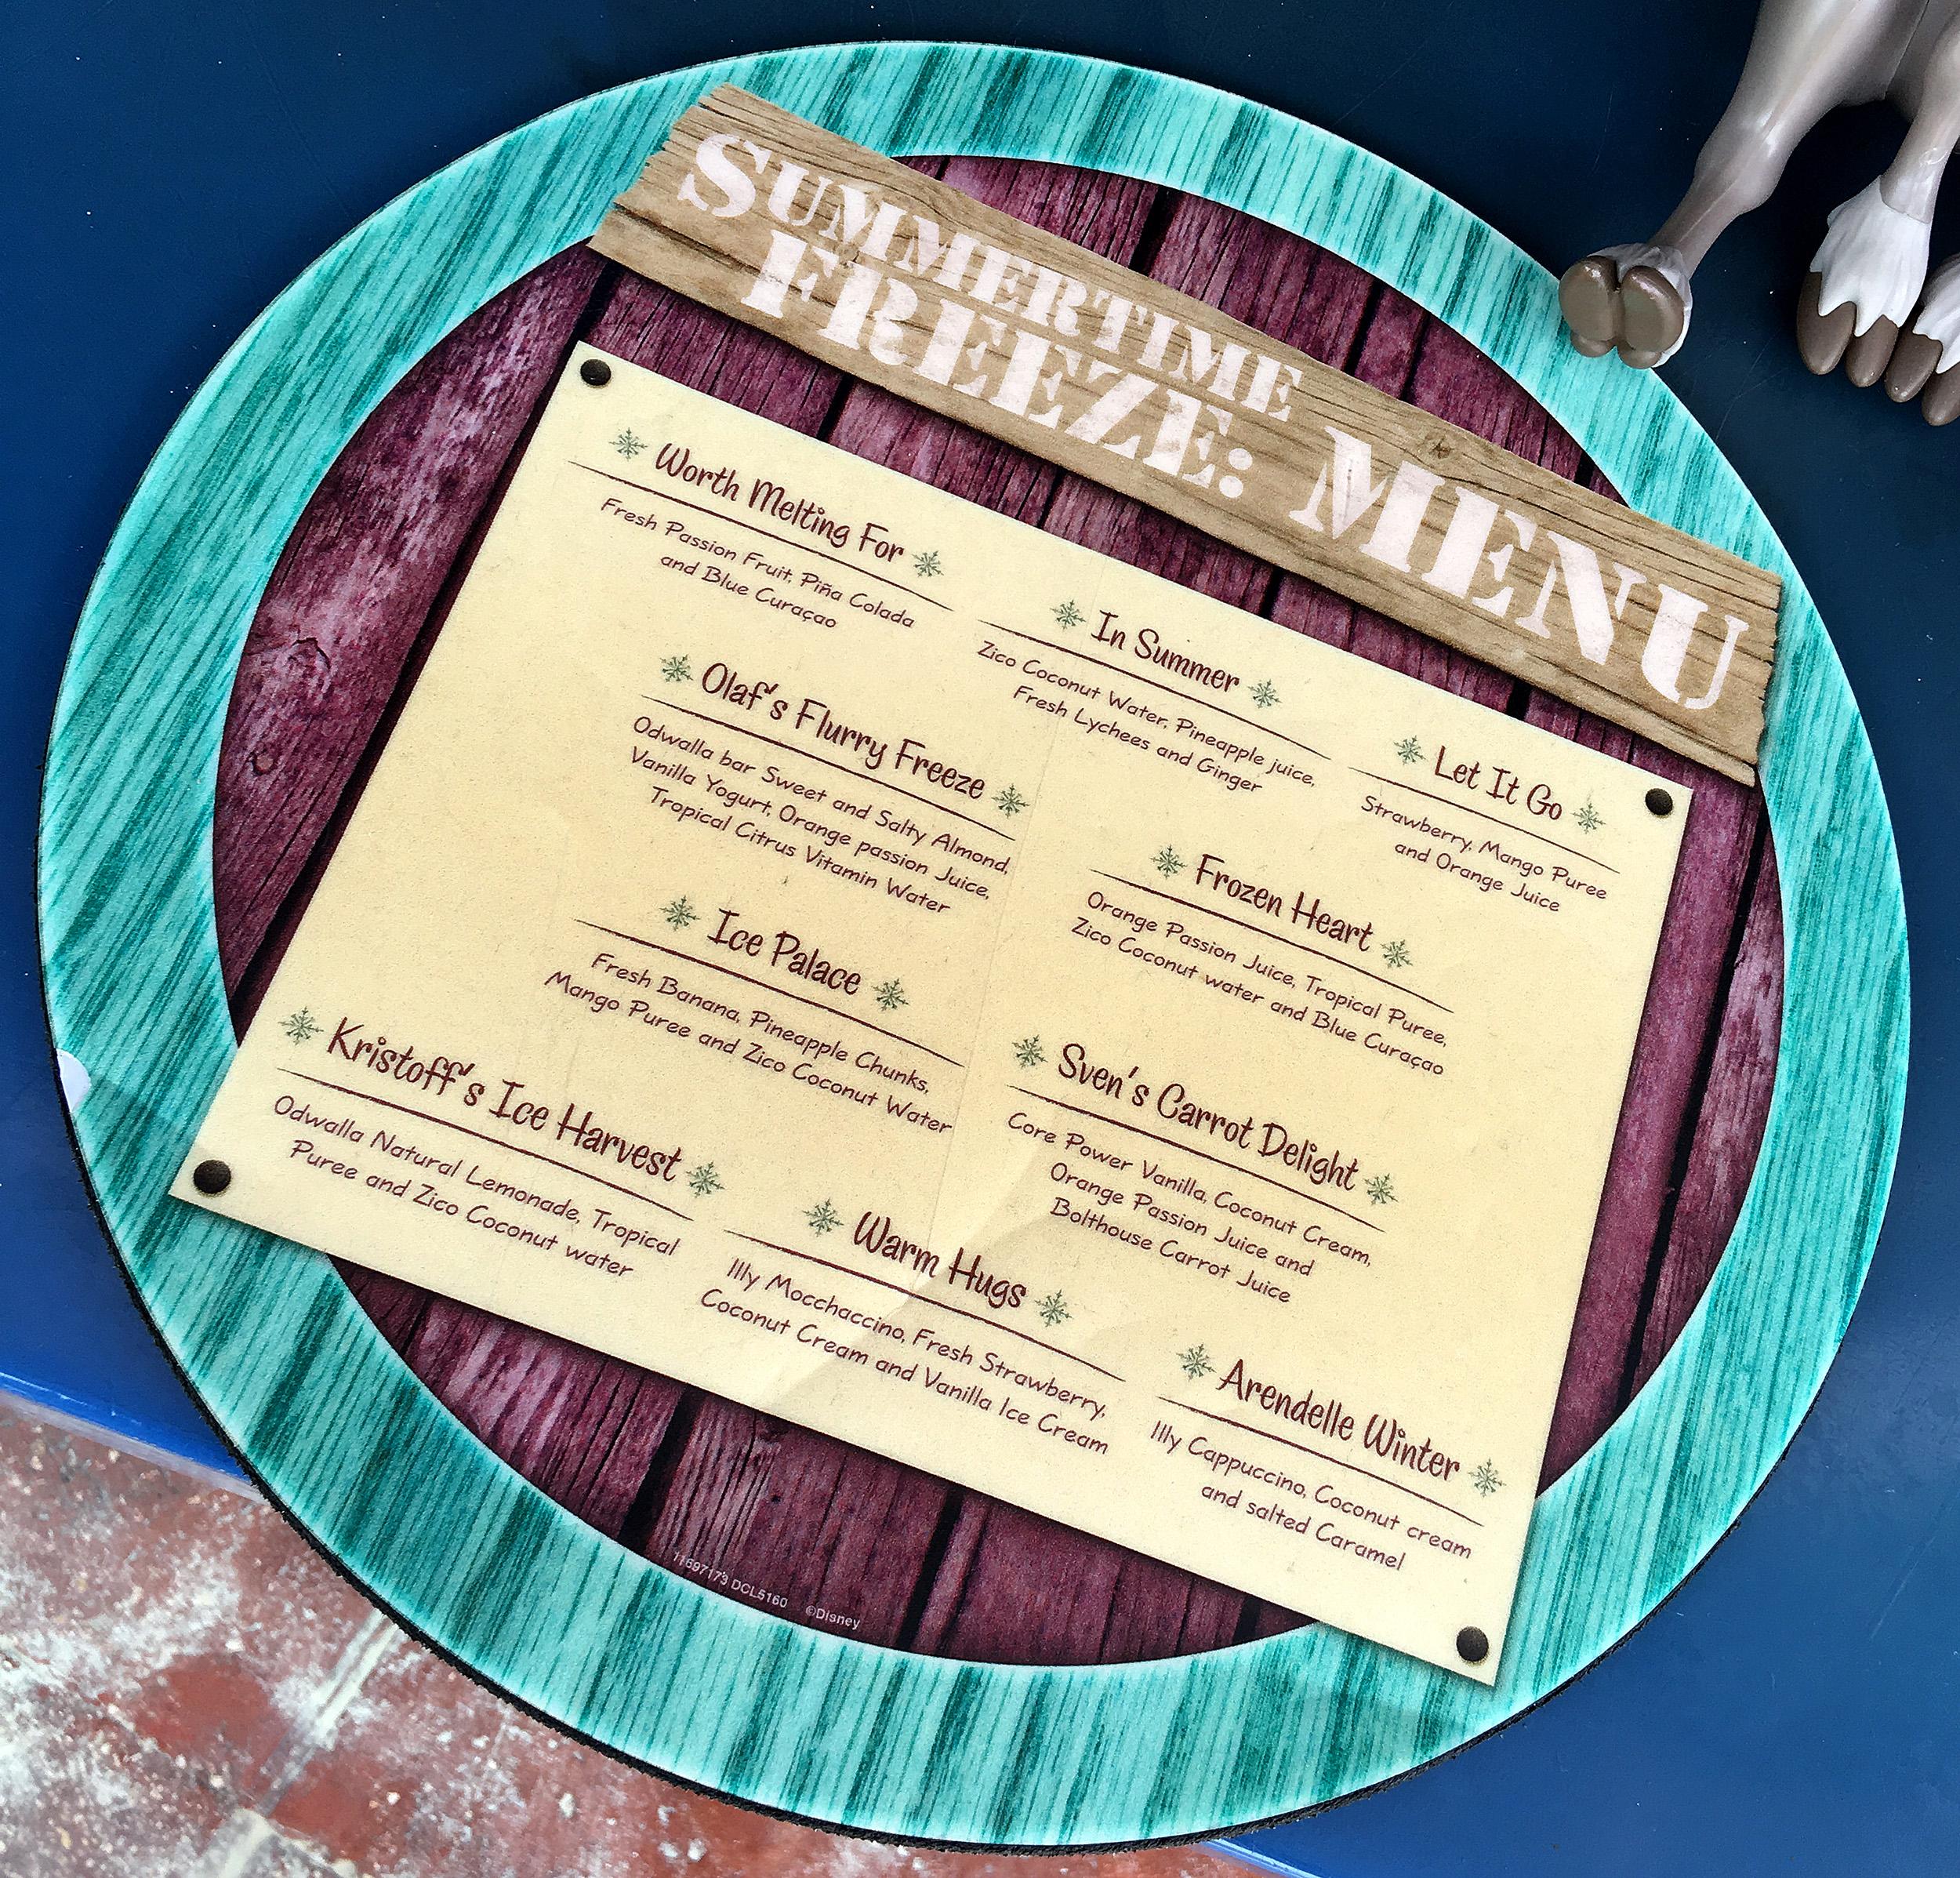 castaway cay summertime freeze menu